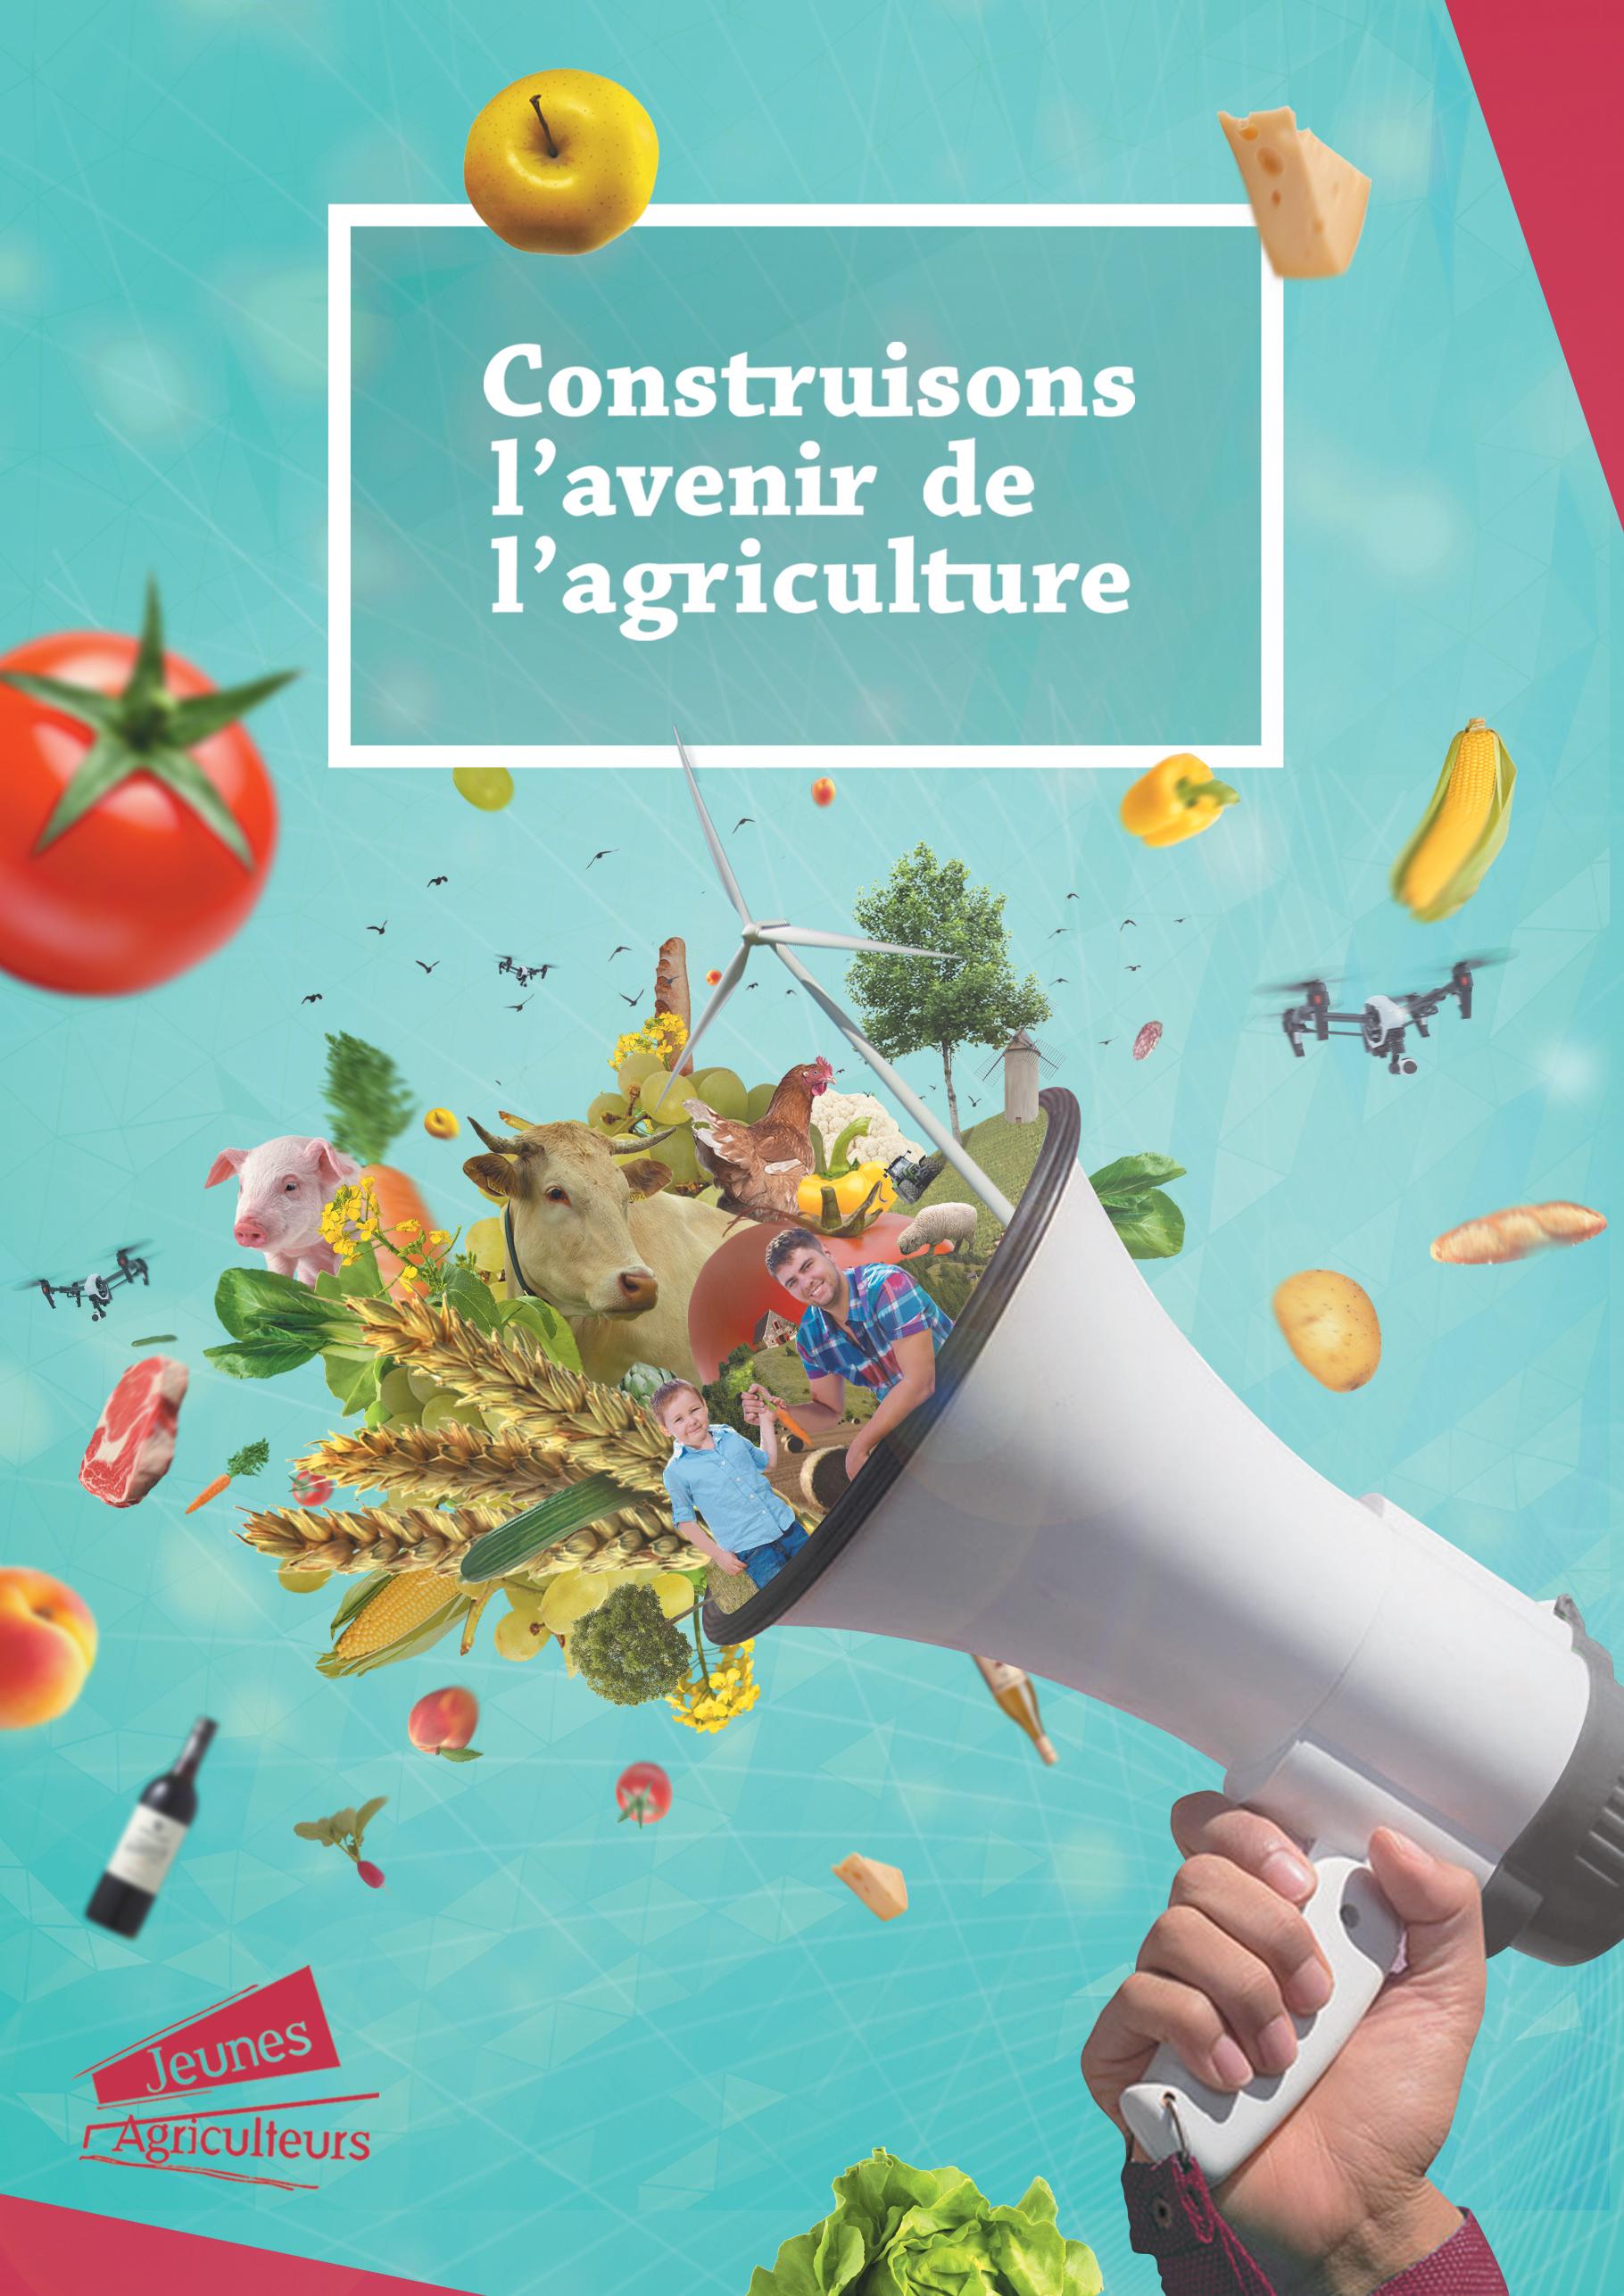 Team JA - Construisons l'avenir de l'agriculture